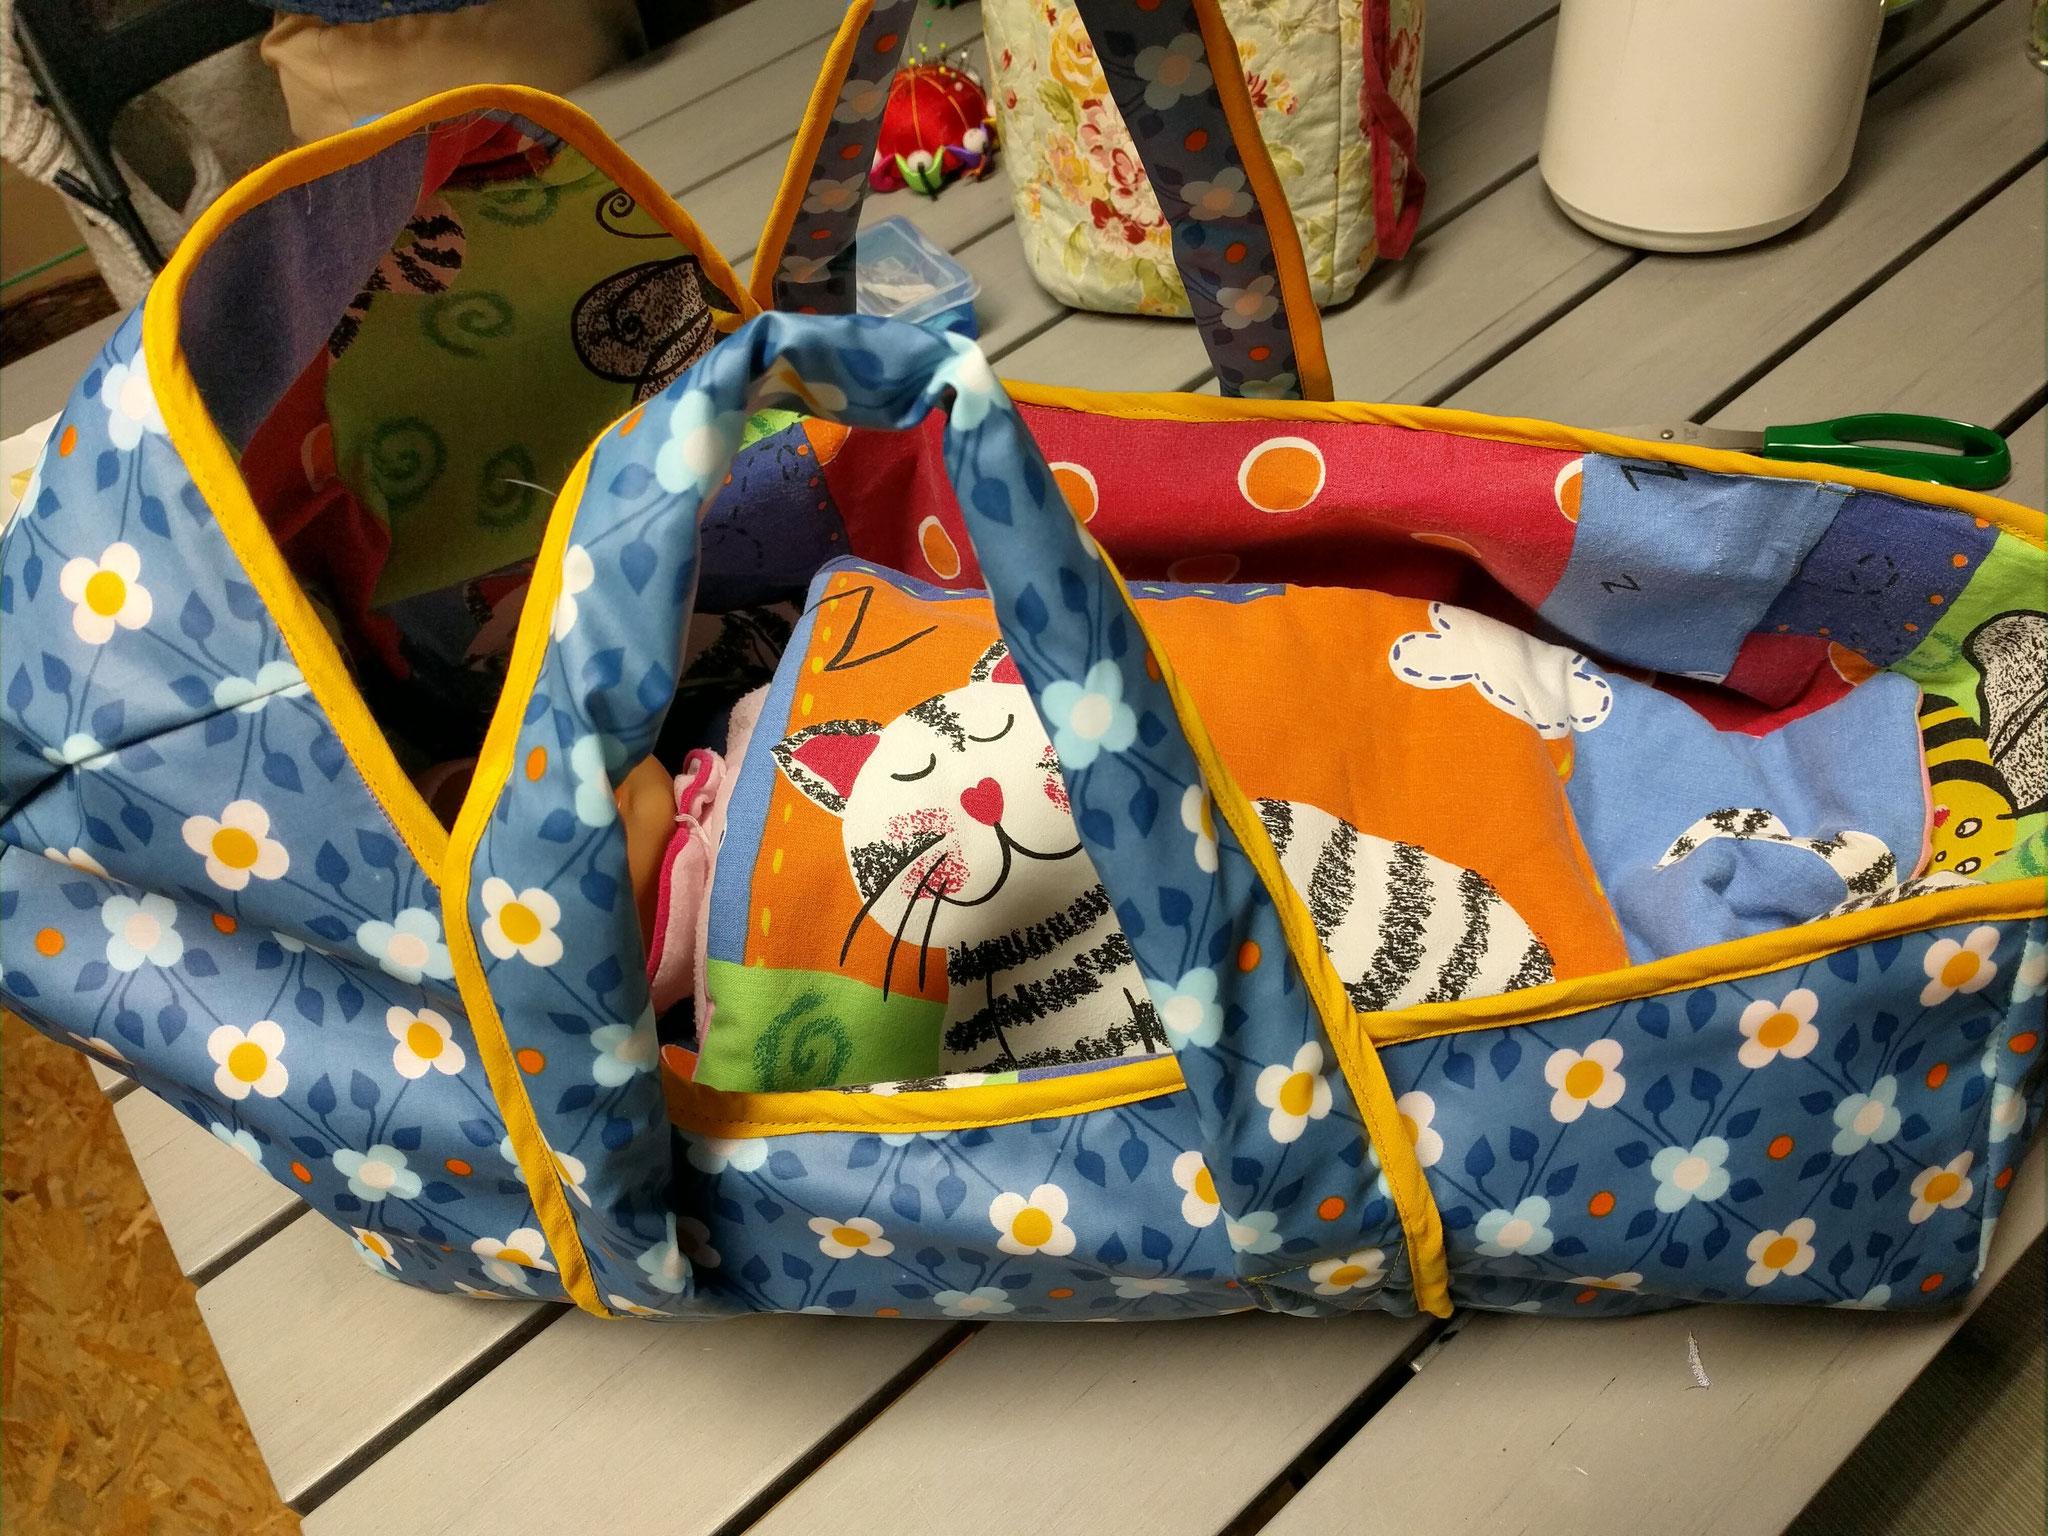 een reiswieg voor poppen, gemaakt in het naai-atelier